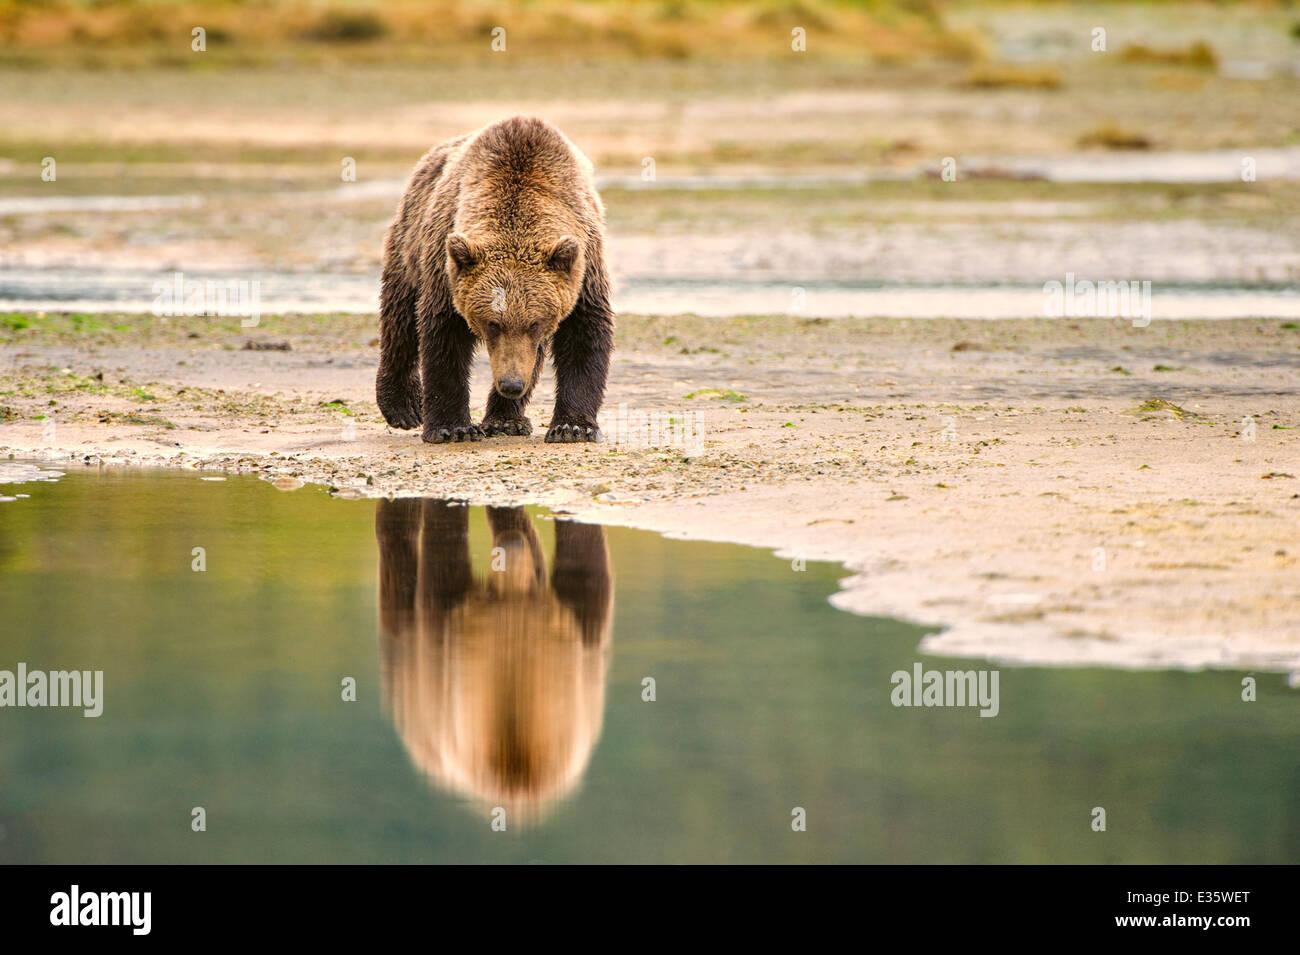 Un oso pardo costera / Grizzly Bear camina por una serpenteante costa en busca de restos de comida en el Parque Nacional de Katmai, Alaska Foto de stock